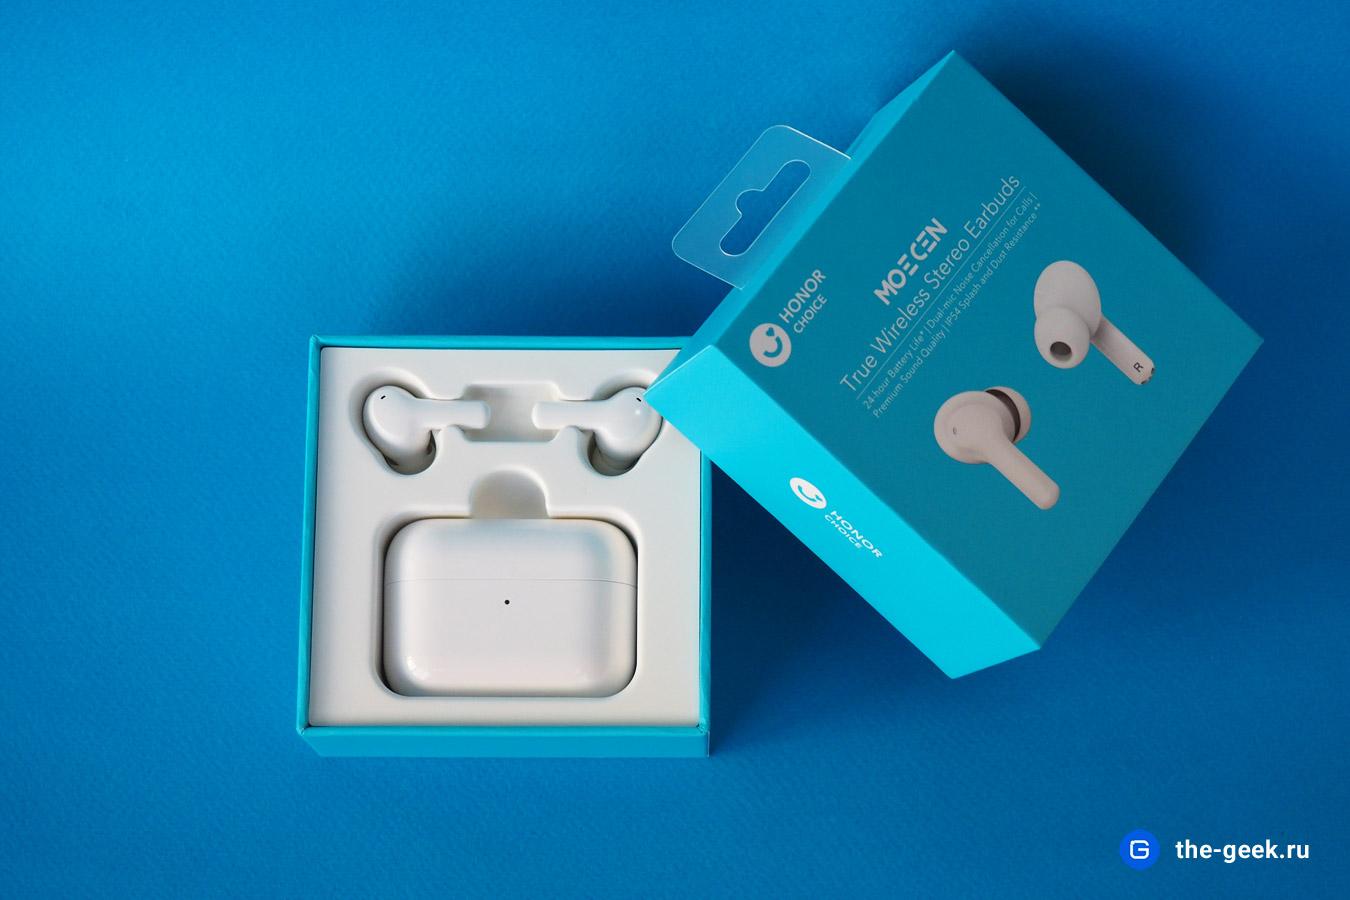 honor-true-wireless-stereo-earbuds_6.jpg